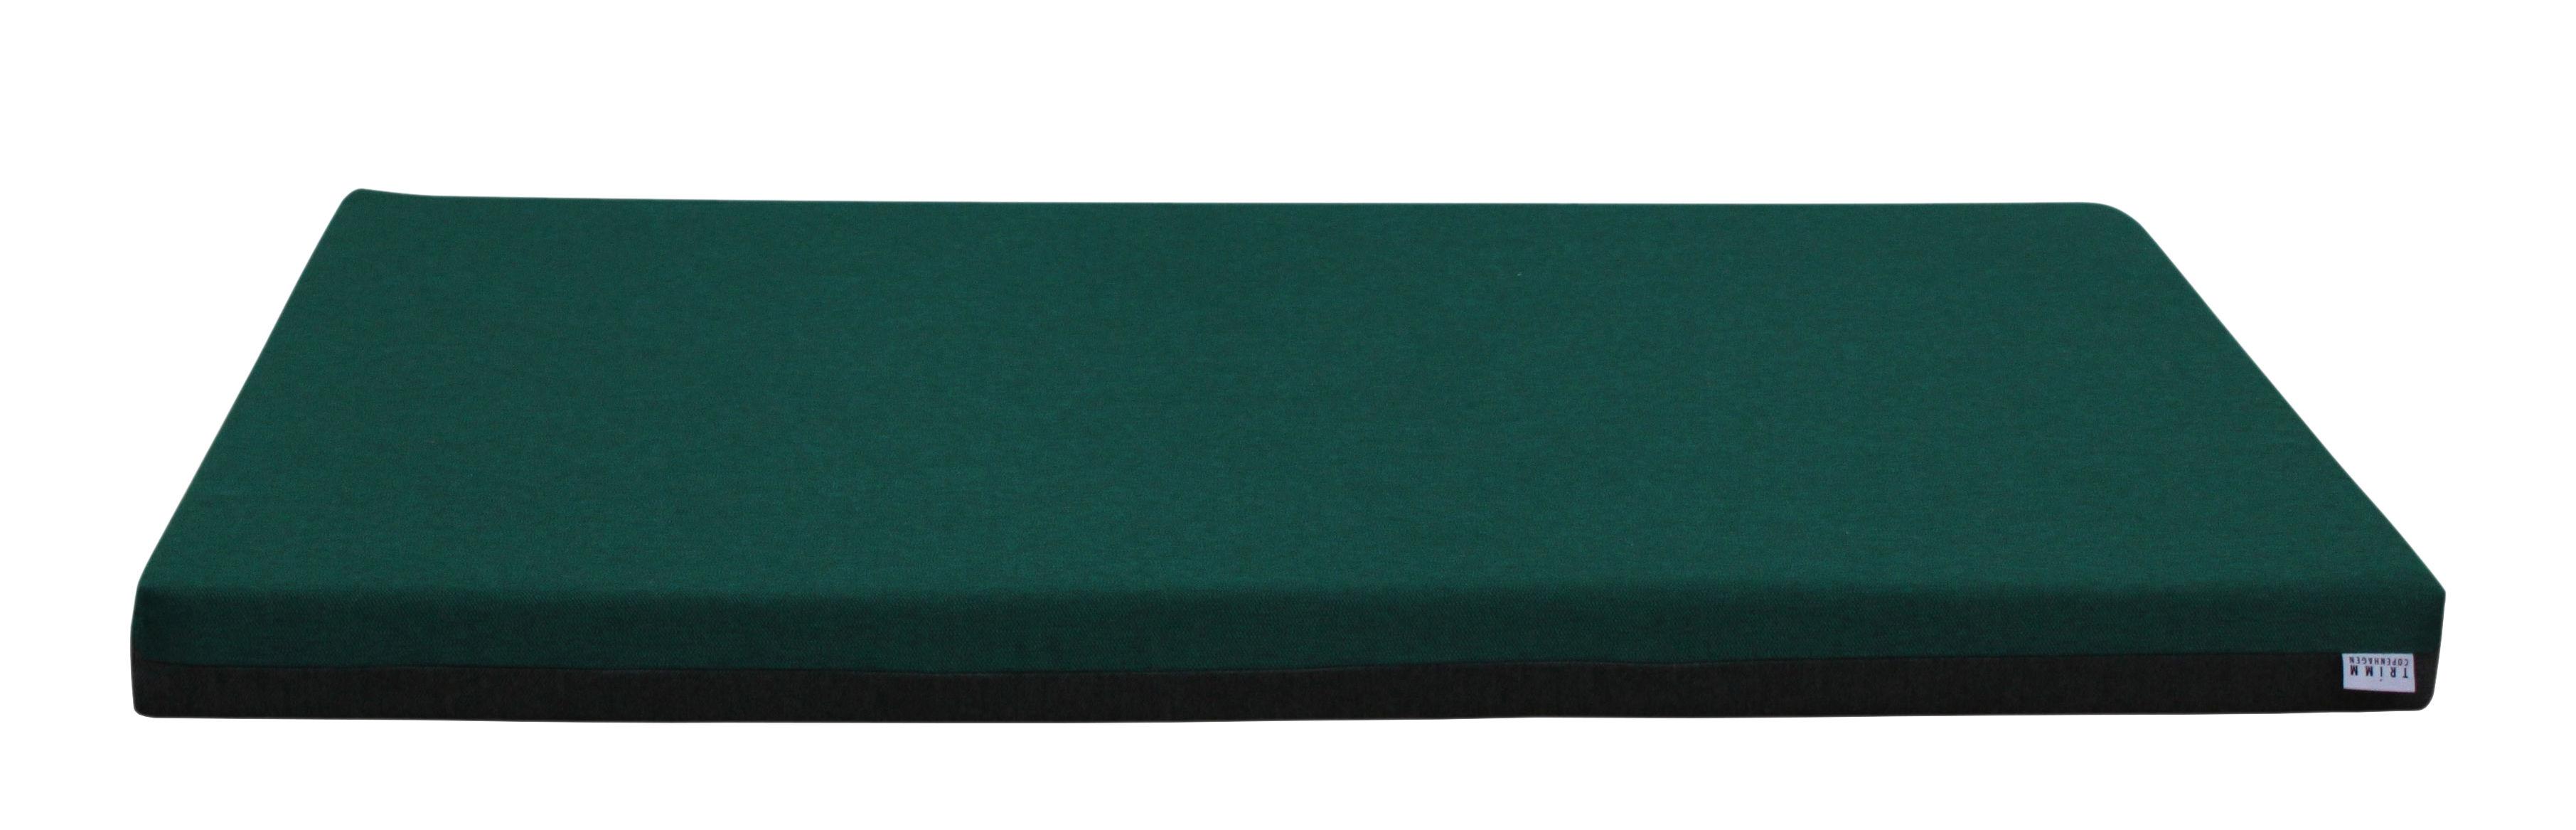 Mobilier - Compléments d'ameublement - Matelas Connect / Big - Avec aimants - Trimm Copenhagen - Vert foncé / Gris - Mousse, Tissu Acrisol Twitell